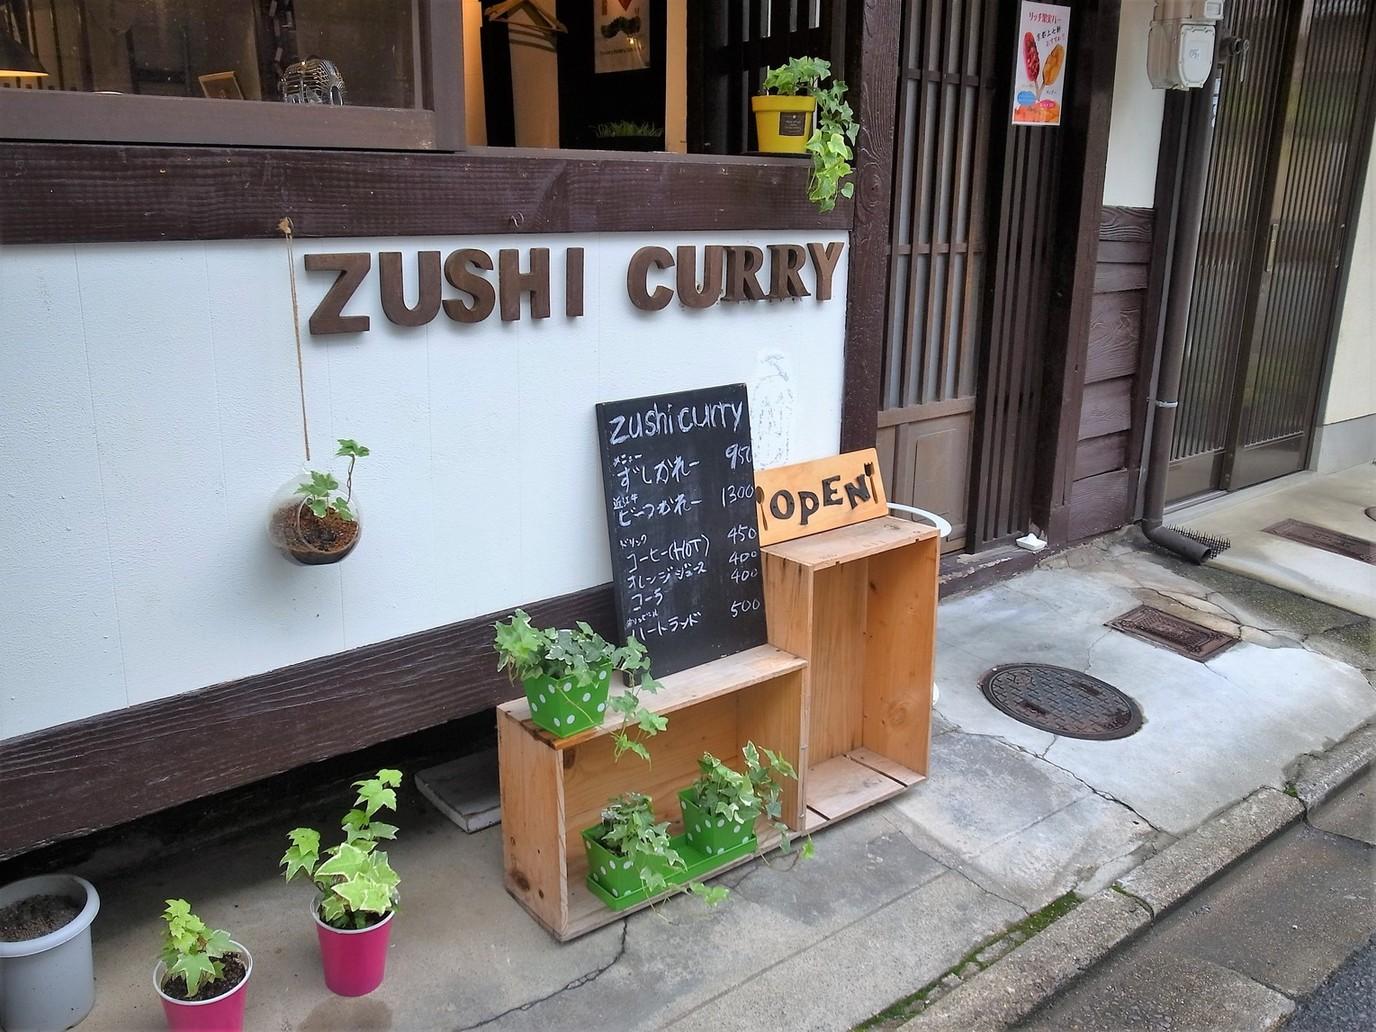 zushi curry